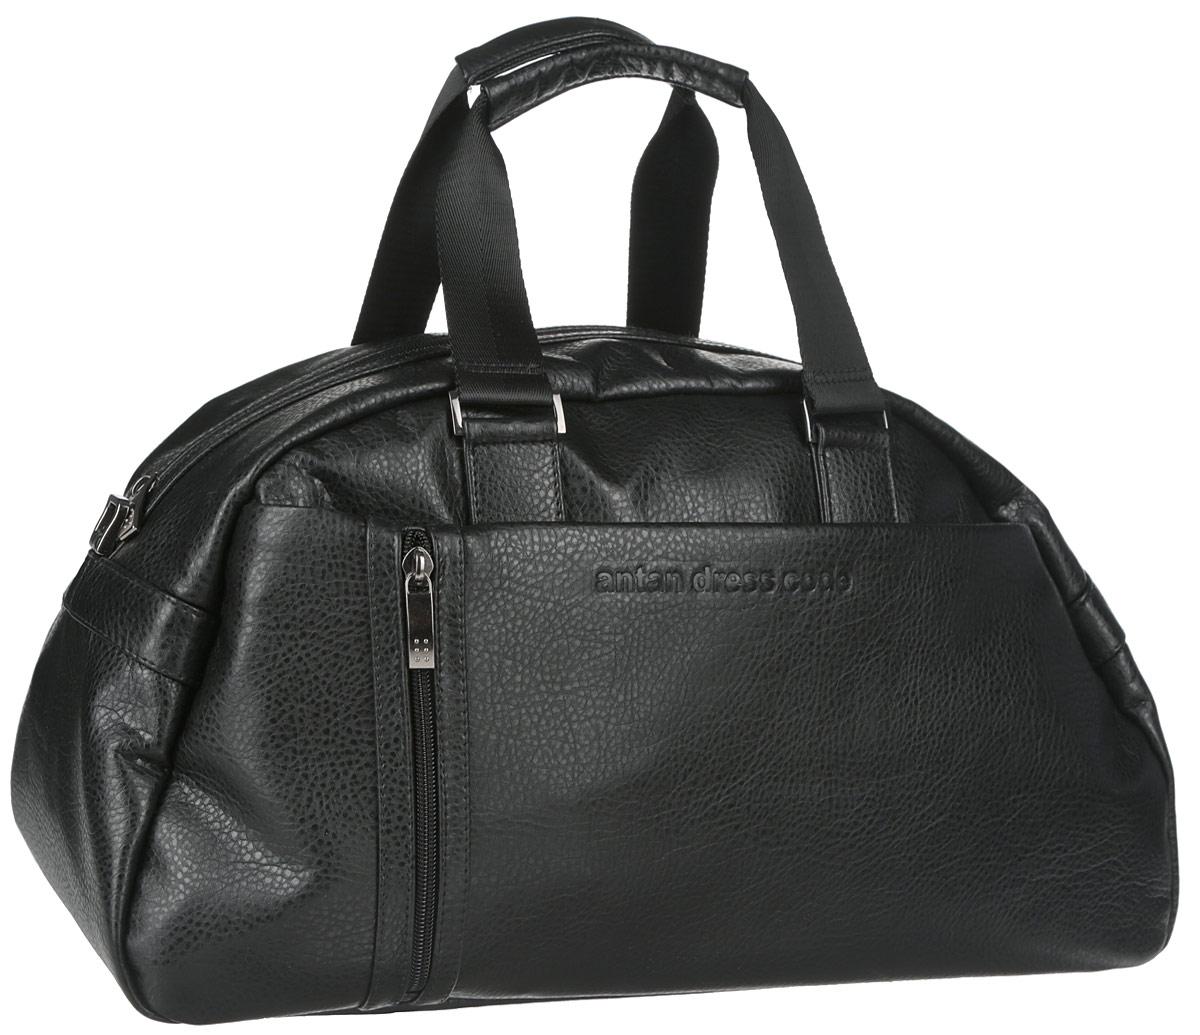 Сумка дорожная Antan, цвет: черный. 2-247332515-2358Вместительная дорожная сумка Antan выполнена из искусственной кожи с зернистой фактурой. Такая сумка станет надежным спутником в недолгих путешествиях, походах в спортзал и других жизненных ситуациях. Данная модель способна вместить большое количество необходимых вещей и предметов.Модель имеет одно главное отделение, закрывающееся на пластиковую застежку-молнию. Внутри отделения предусмотрен вместительный прорезной карман на застежке-молнии и два нашивных кармана для мелочей. Снаружи, на задней и передней стенках расположены вместительные прорезные карманы на застежках-молниях. Лицевая сторона дополнена небольшим прорезным карманом на молнии. Сумка оснащена двумя удобными ручками и двумя съемными плечевыми ремнями, регулируемой длины, благодаря этому сумка носится в руке или на плече. Устойчивое дно дополнено металлическими ножками, которые защитят изделие от повреждений. Сумка декорирована тиснением бренда.Такая сумка - незаменимый аксессуар для путешествия. С этим аксессуаром вы всегда будете выглядеть современно и модно.